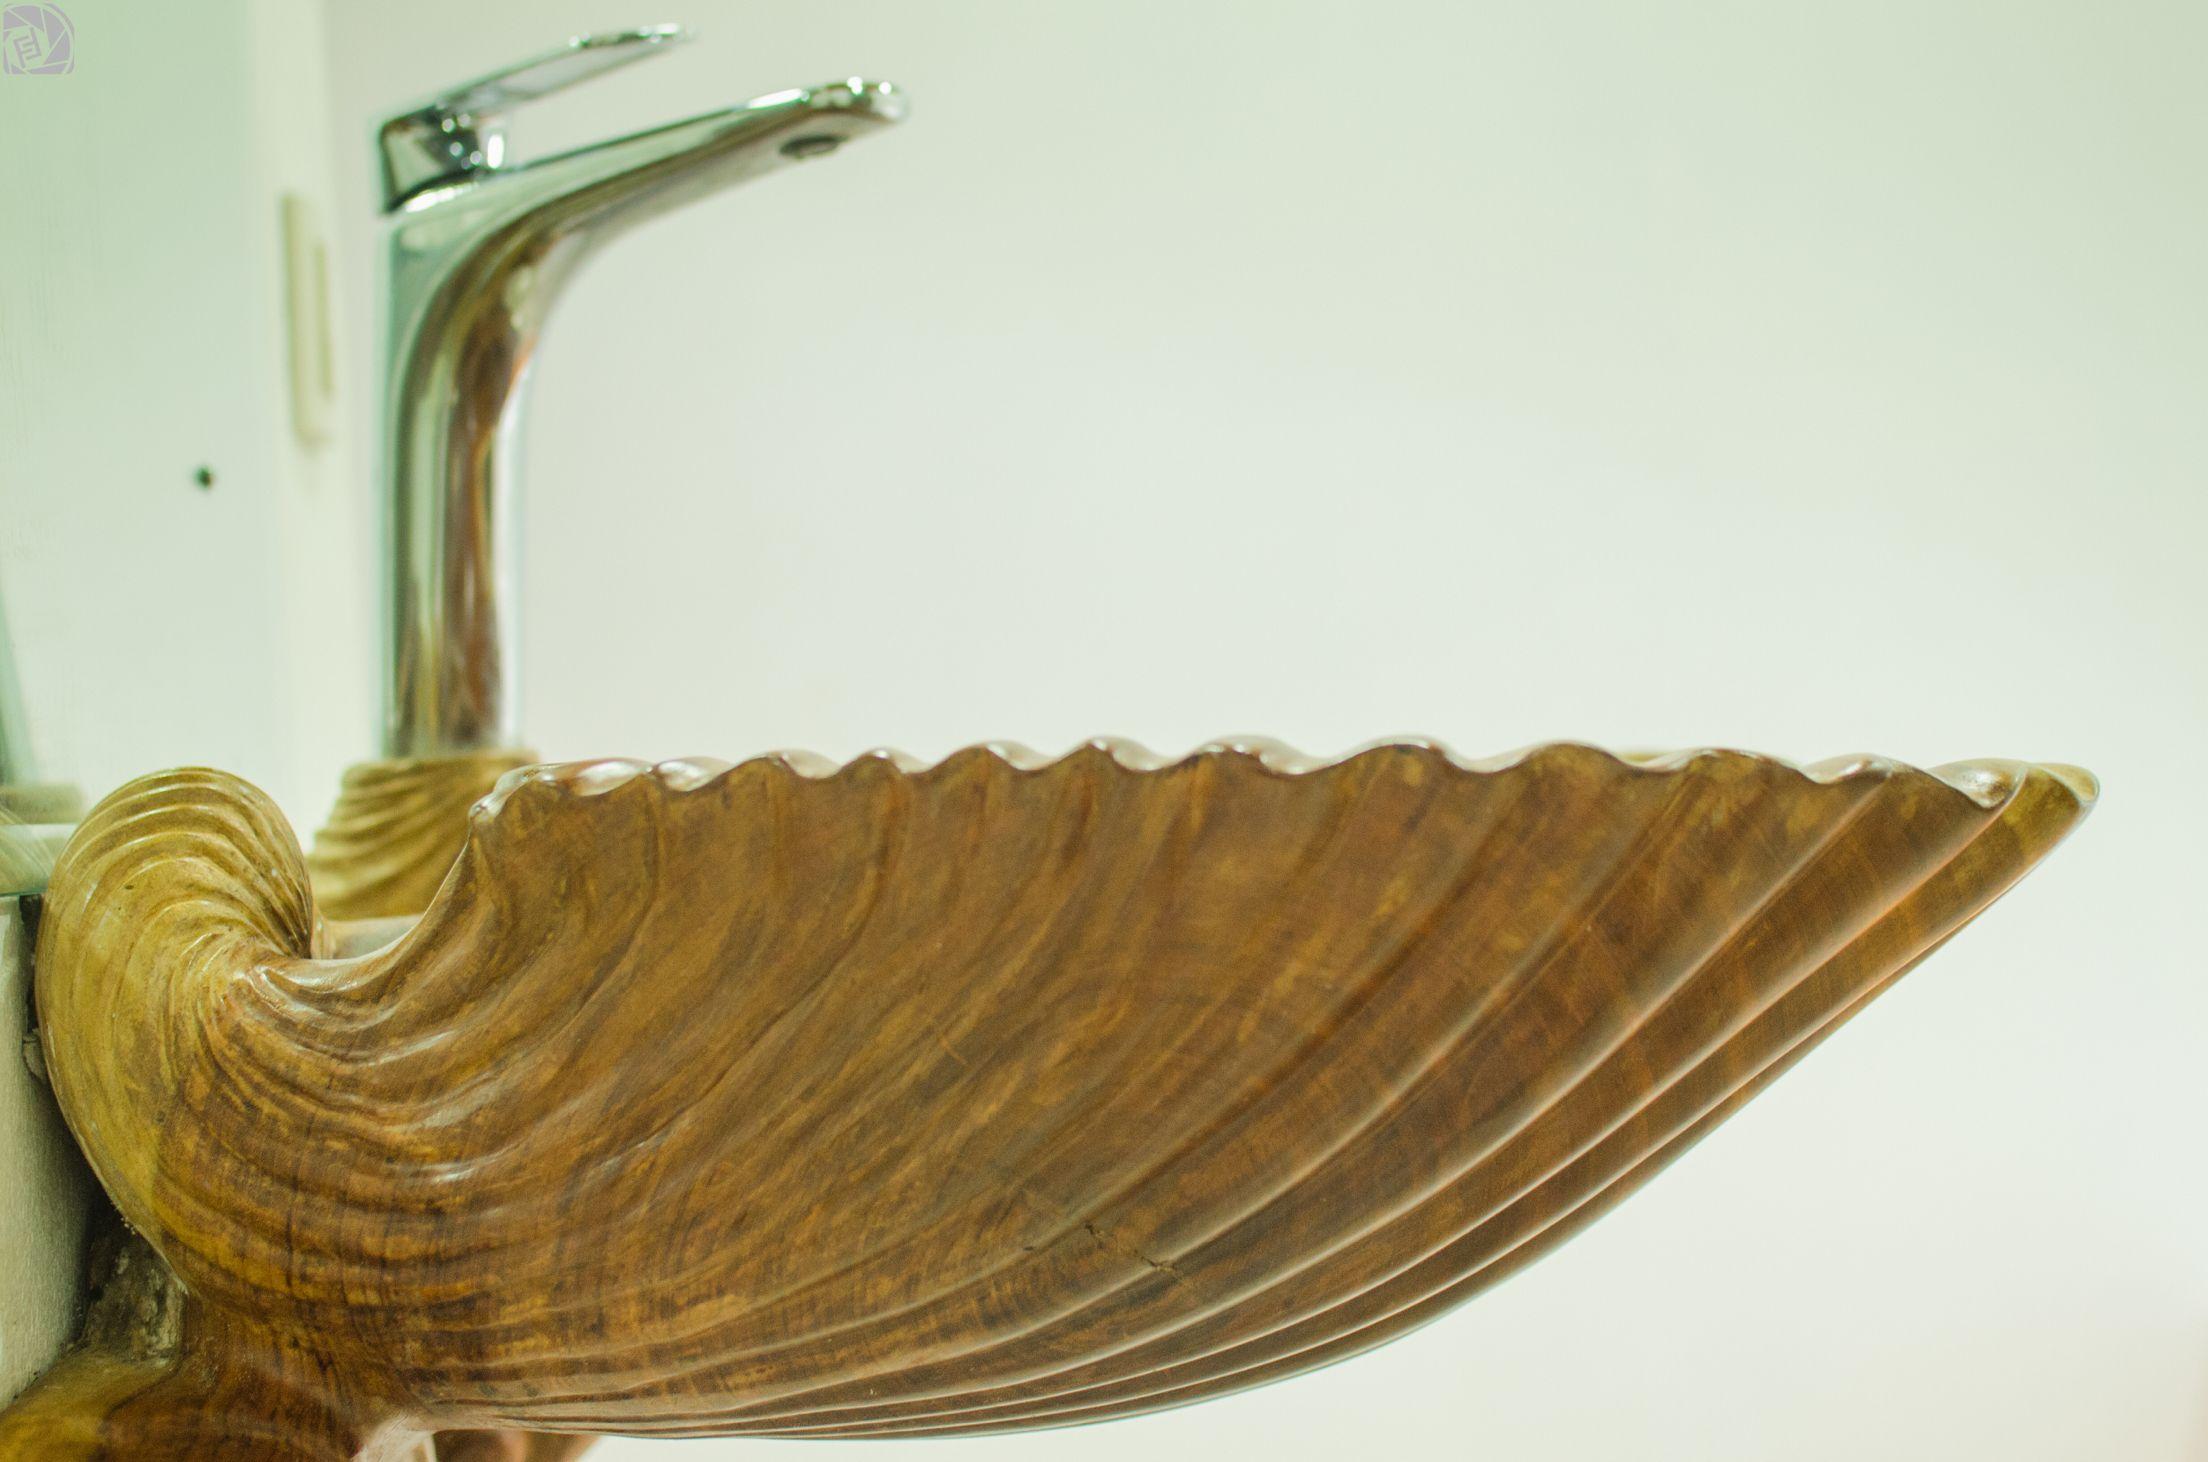 Lavamanos madera guapinol forma de concha de mar casa for Lavamanos rusticos de madera